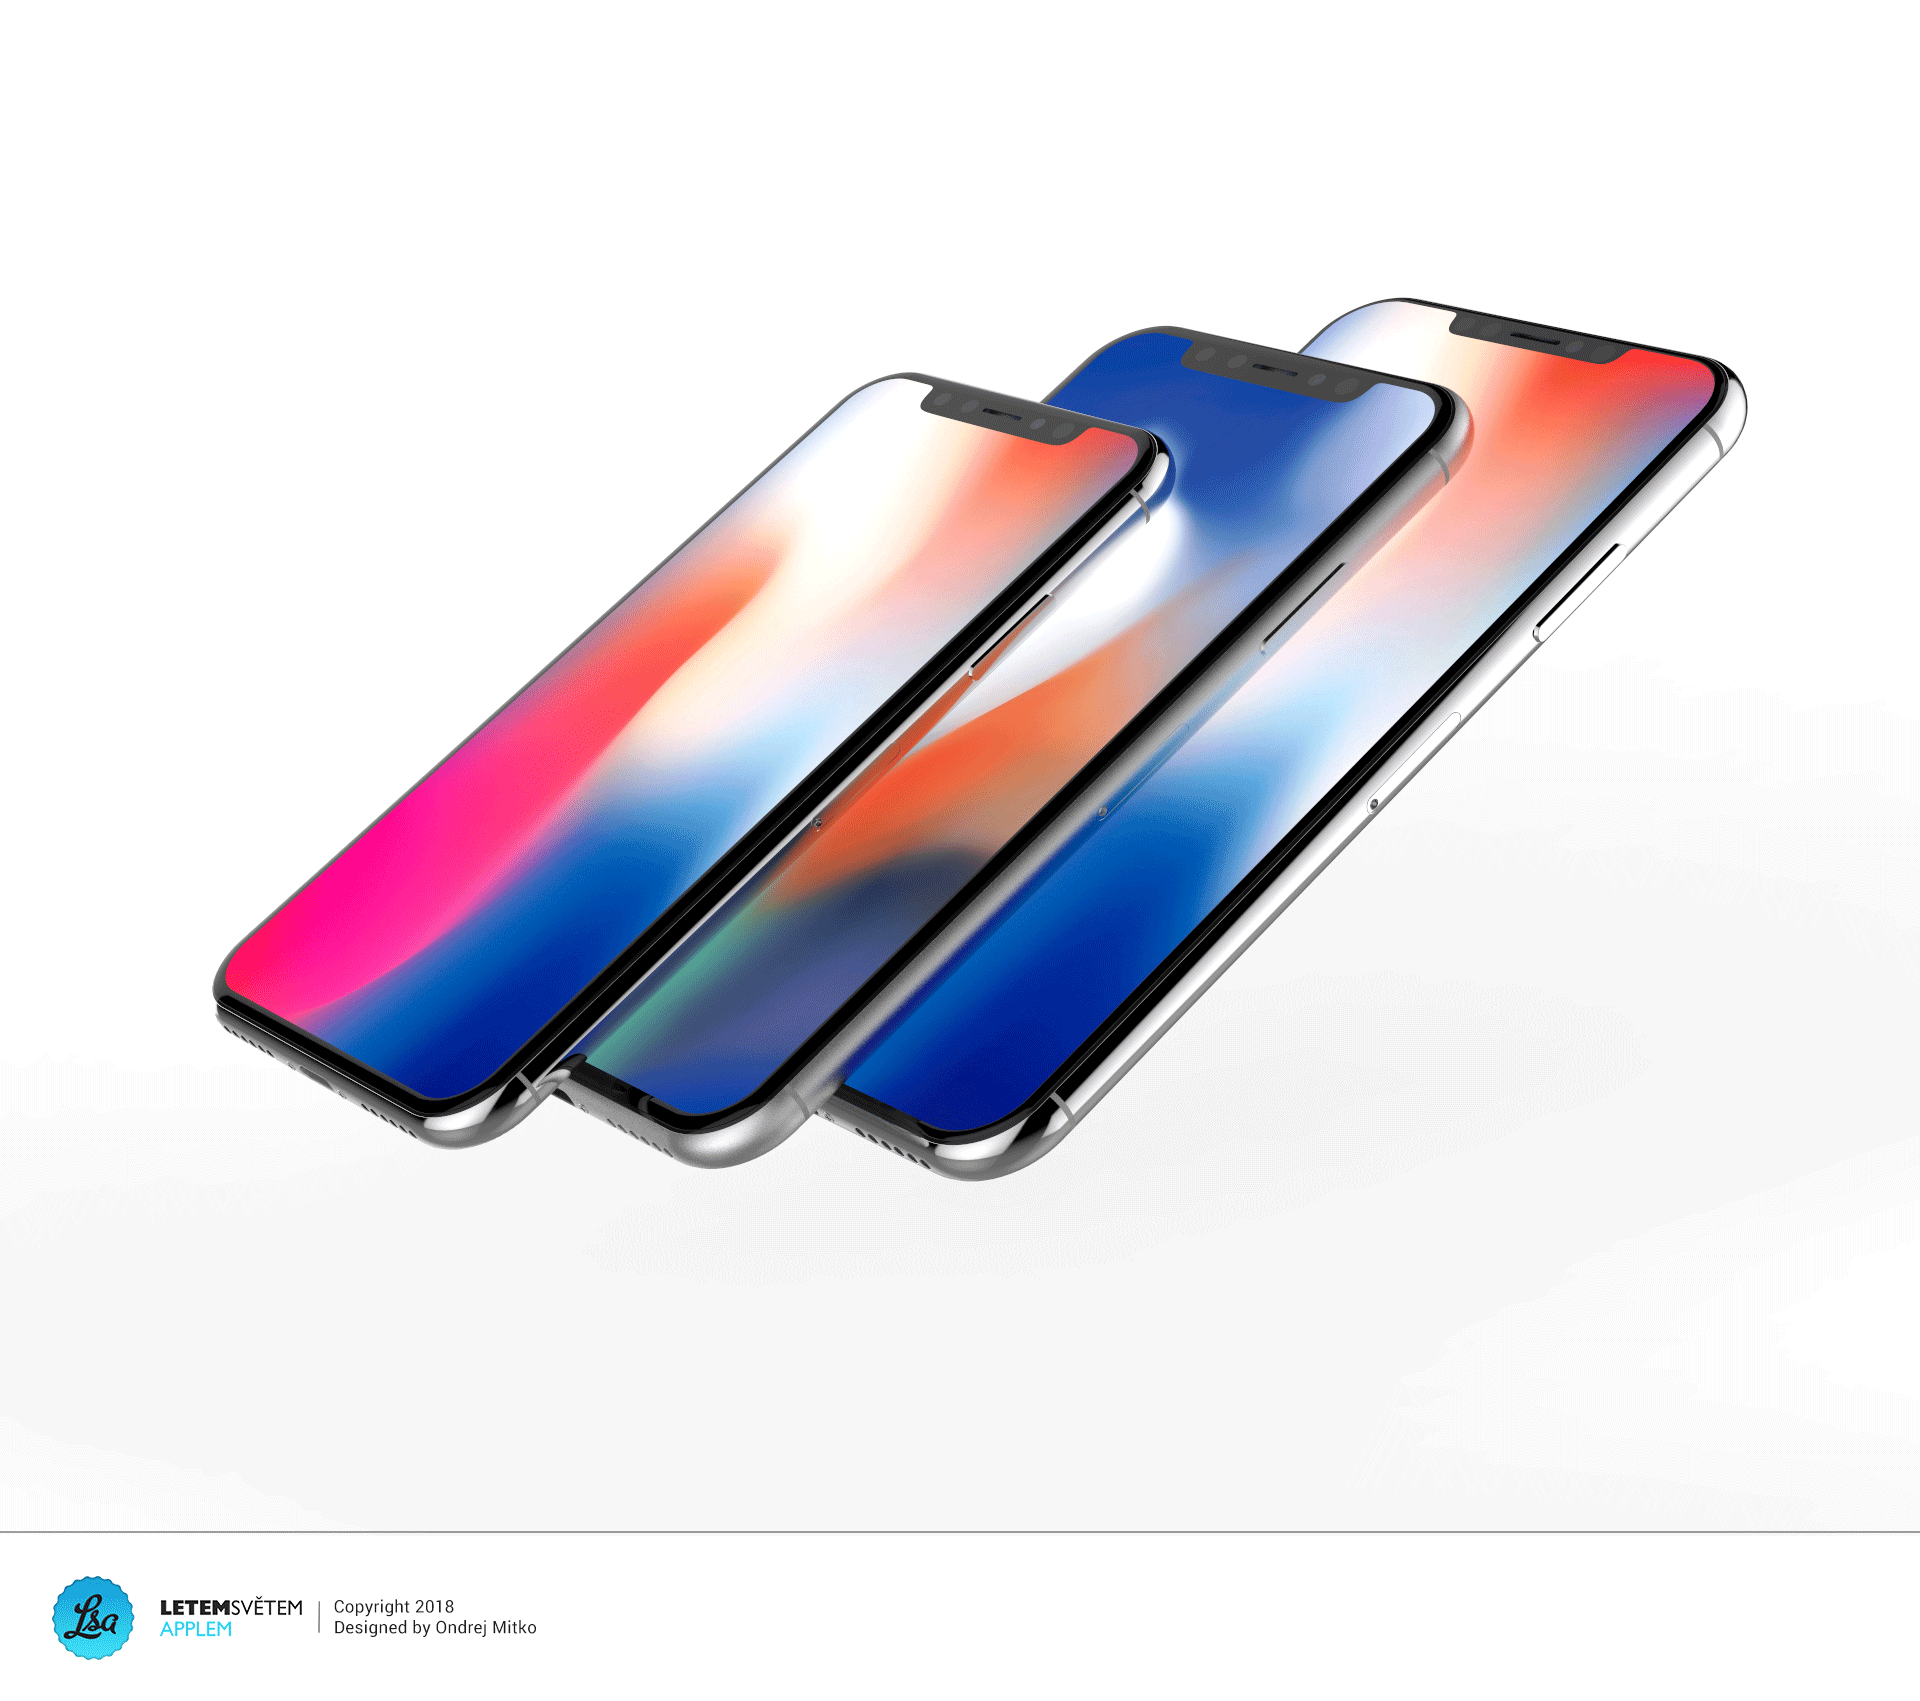 iphone x plus mitko 7